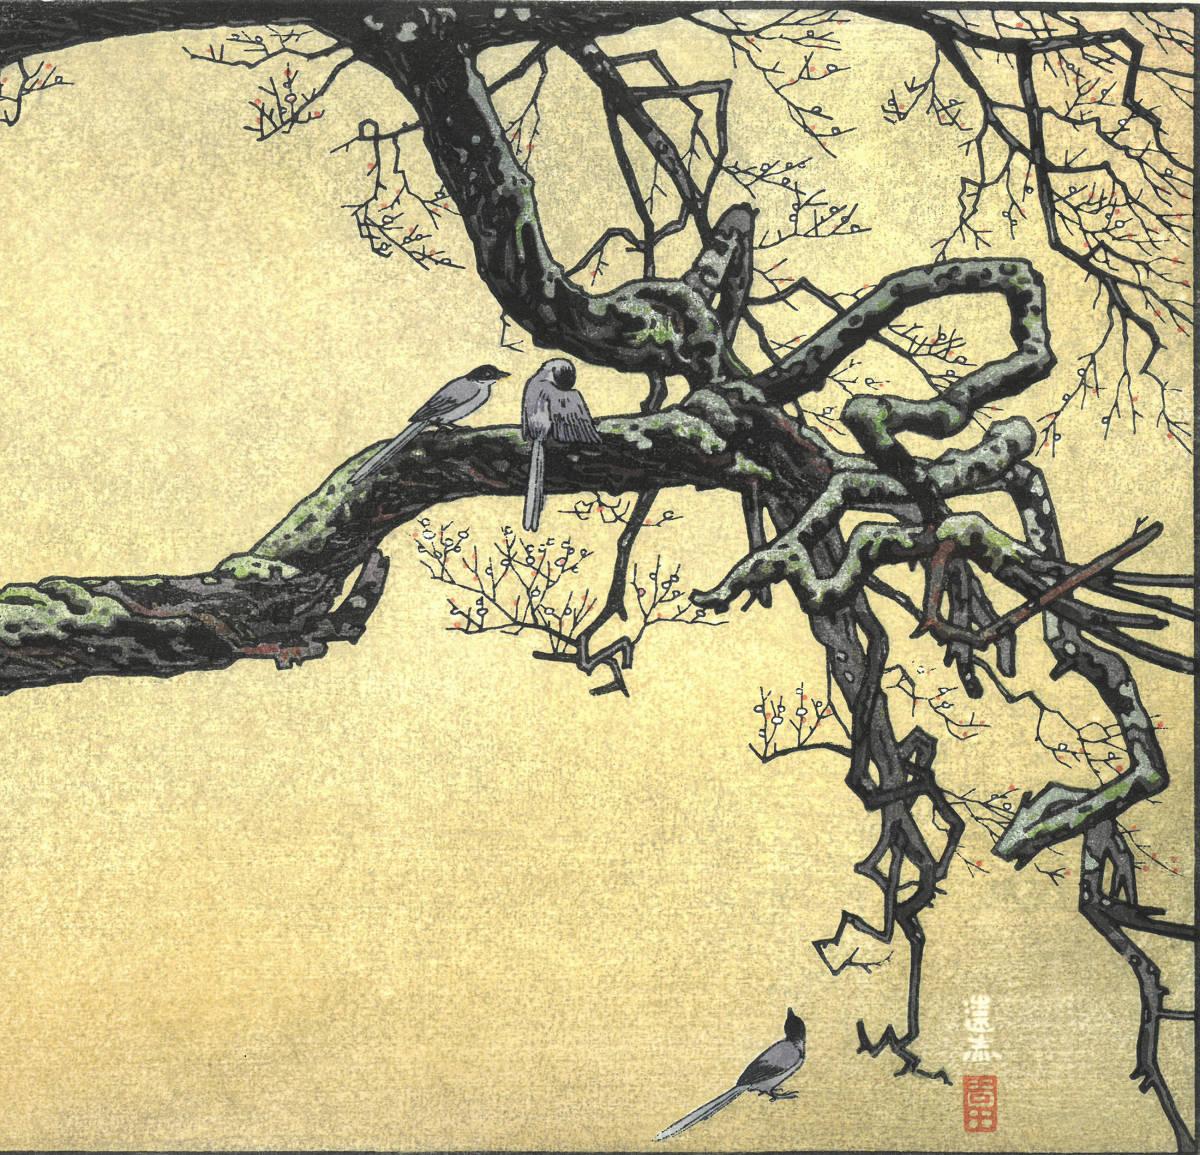 吉田遠志 木版画 015106 数珠かけの梅 (Plum tree & Blue Magpie) 初摺1951年  最高峰の摺師の技をご堪能下さい!!_画像8